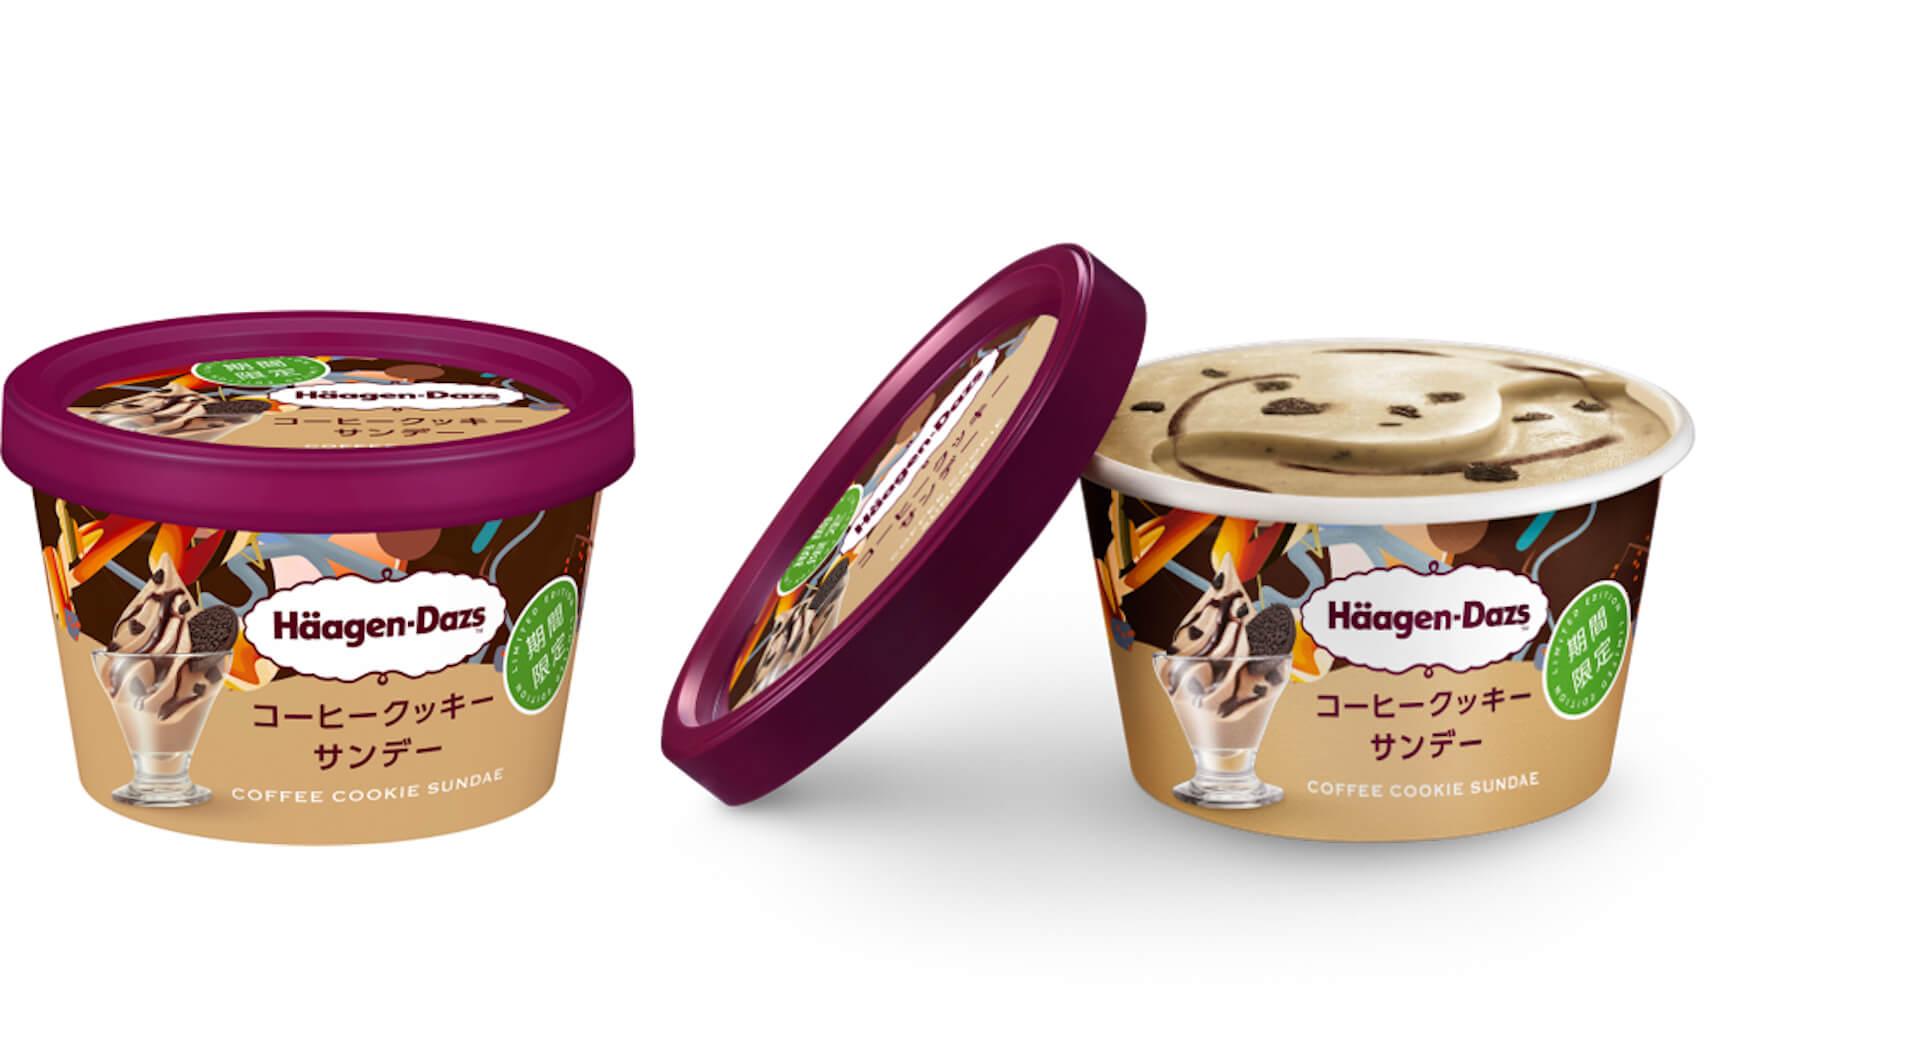 ハーゲンダッツミニカップに新作『コーヒークッキーサンデー』が登場!ハーゲンダッツ12種類詰め合わせが当たるTwitterキャンペーンも gourmet200709_haagendazs_1